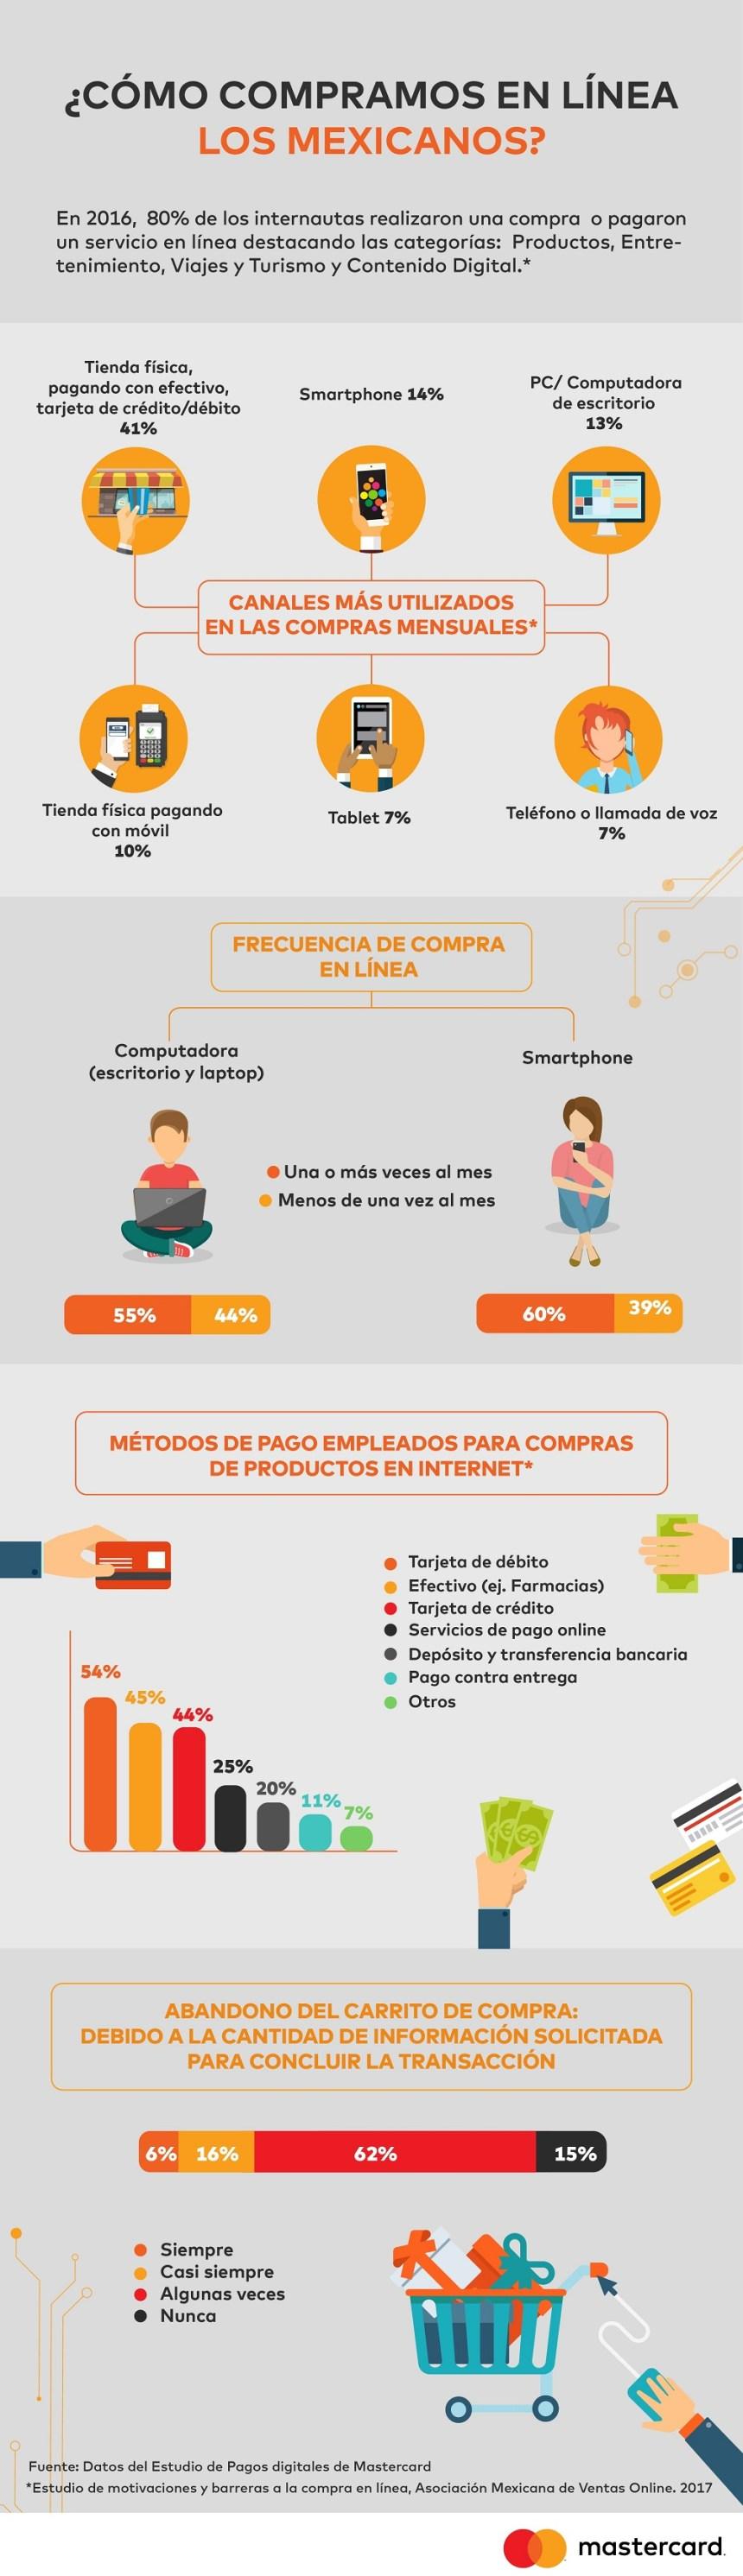 Cómo compran online los mexicanos